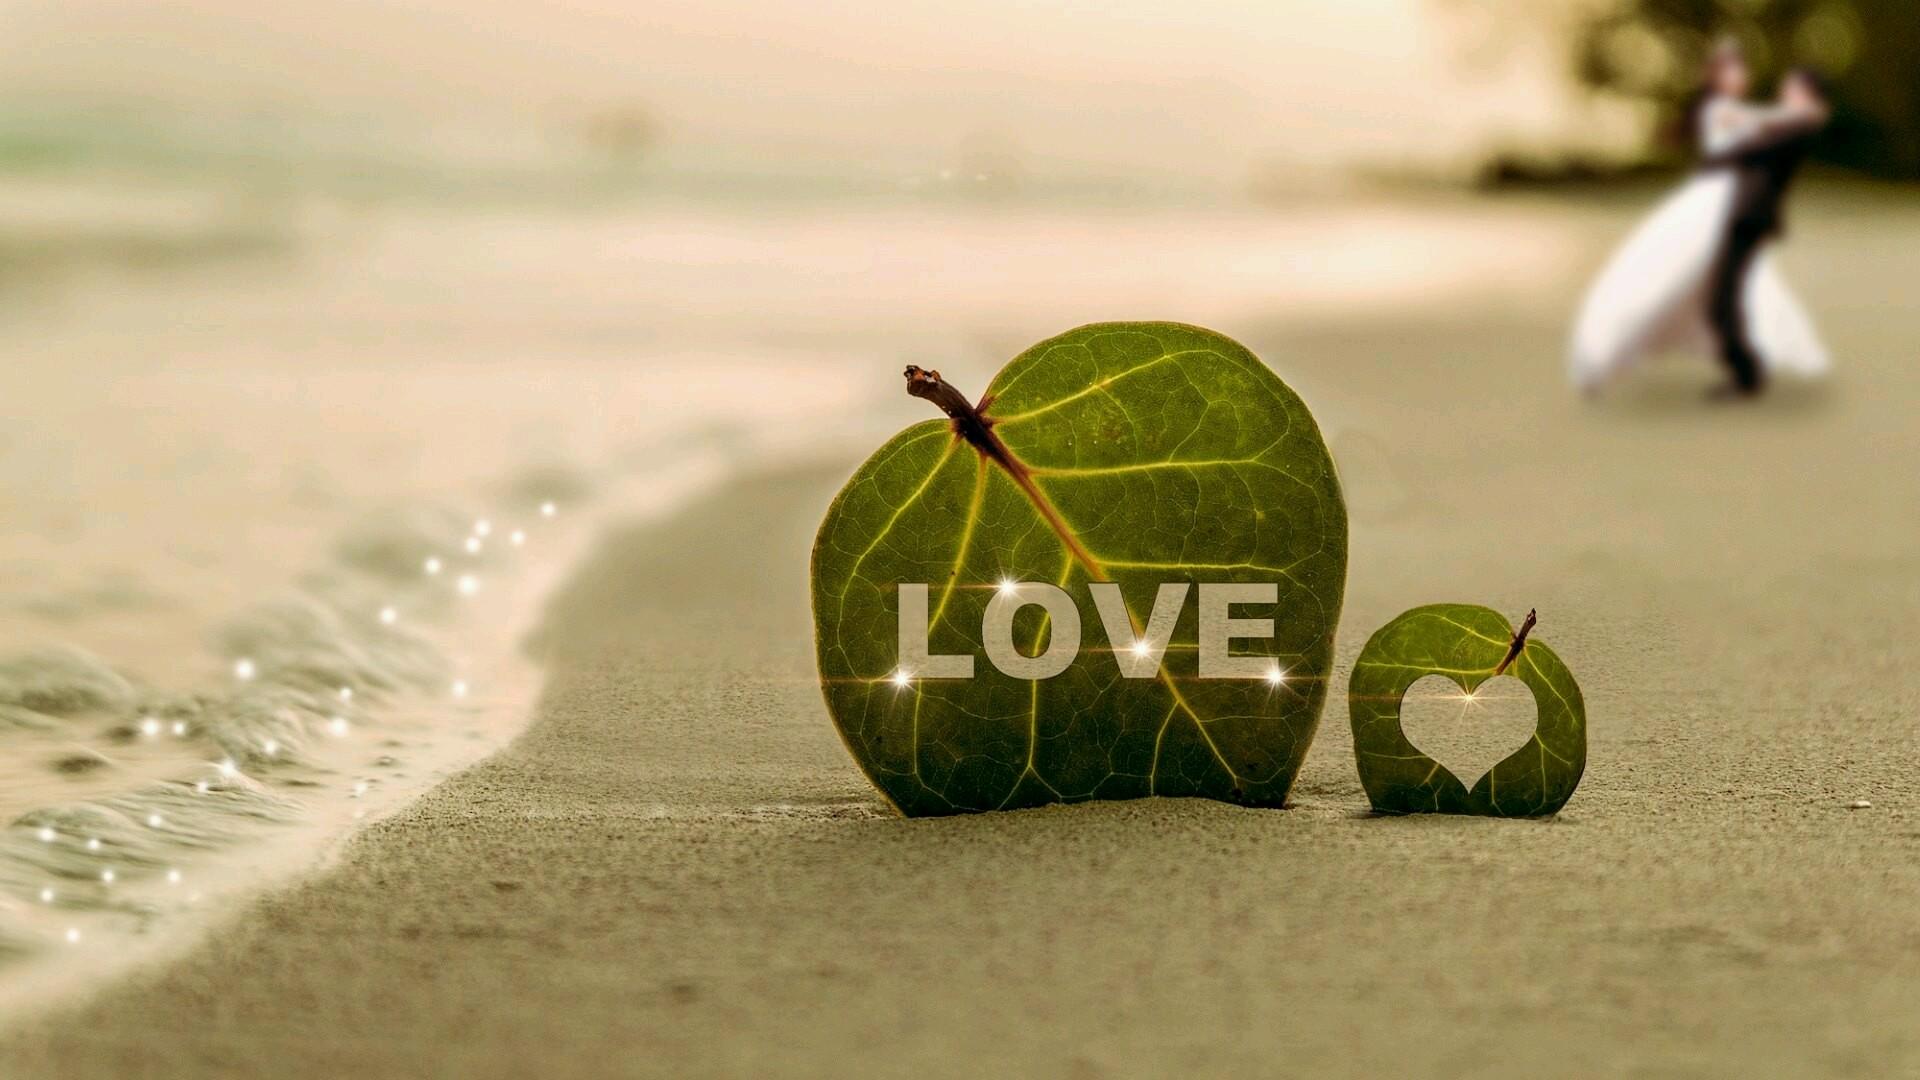 تصویر زیبای love